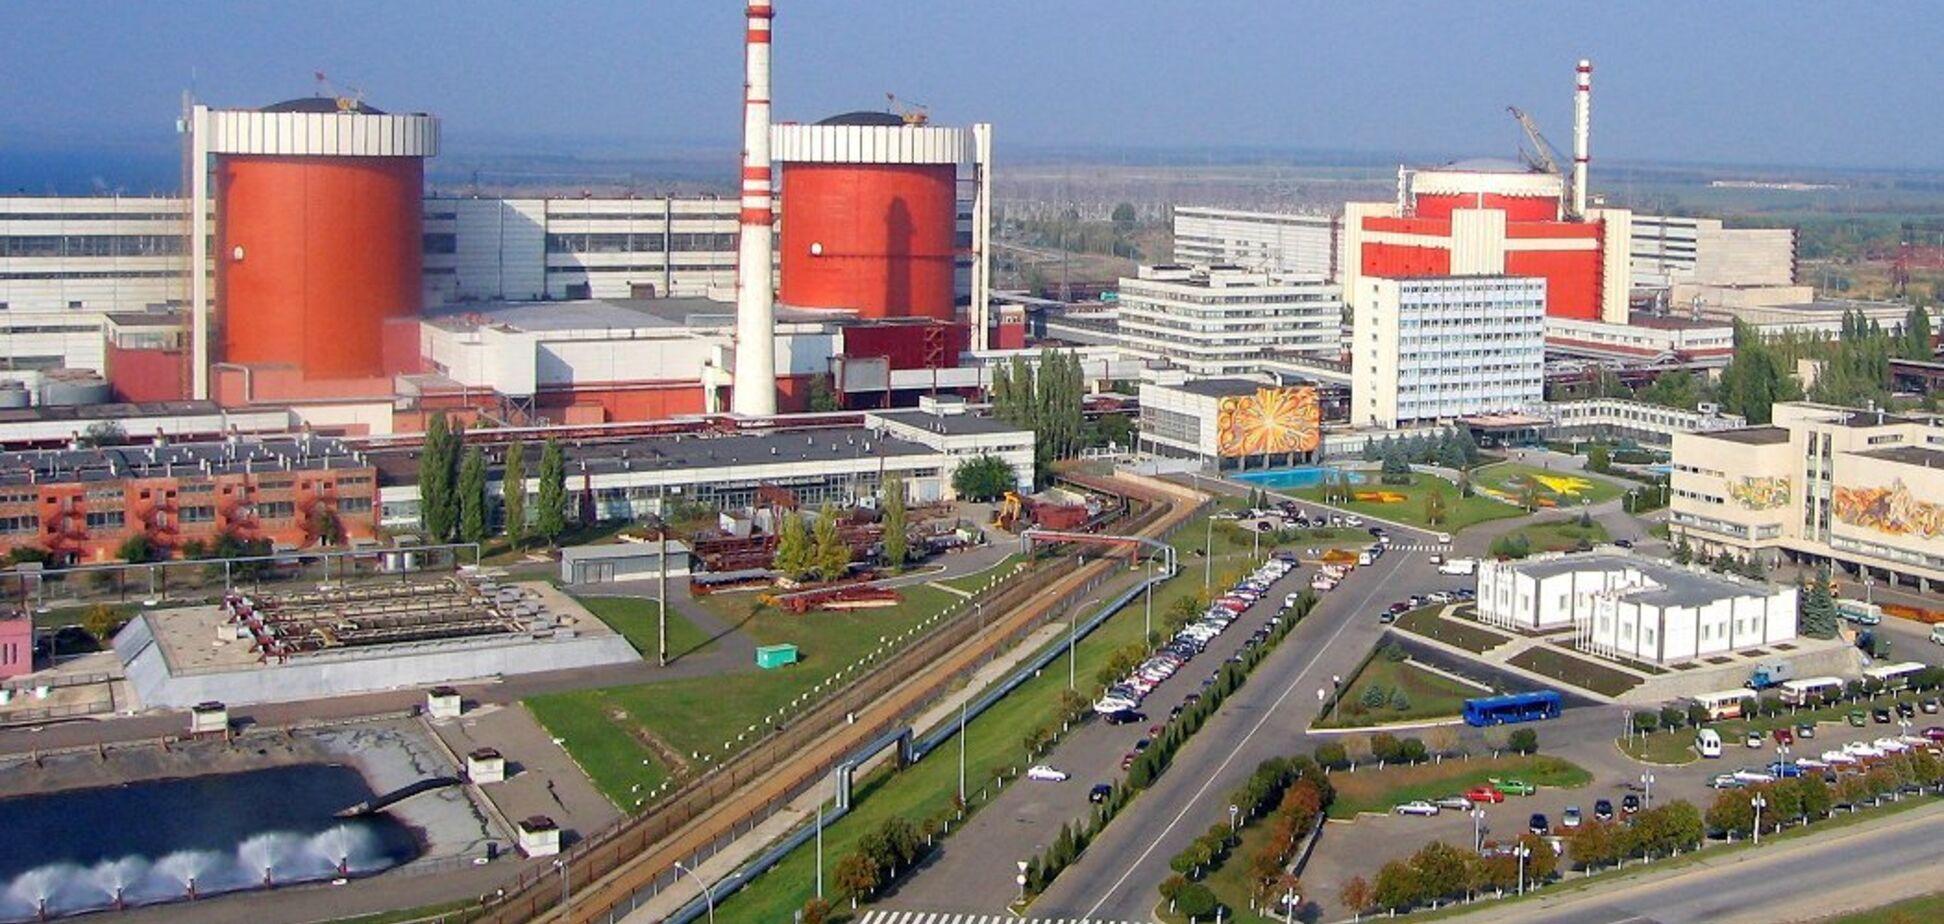 В Украине крупная АЭС собралась производить криптовалюту: что известно